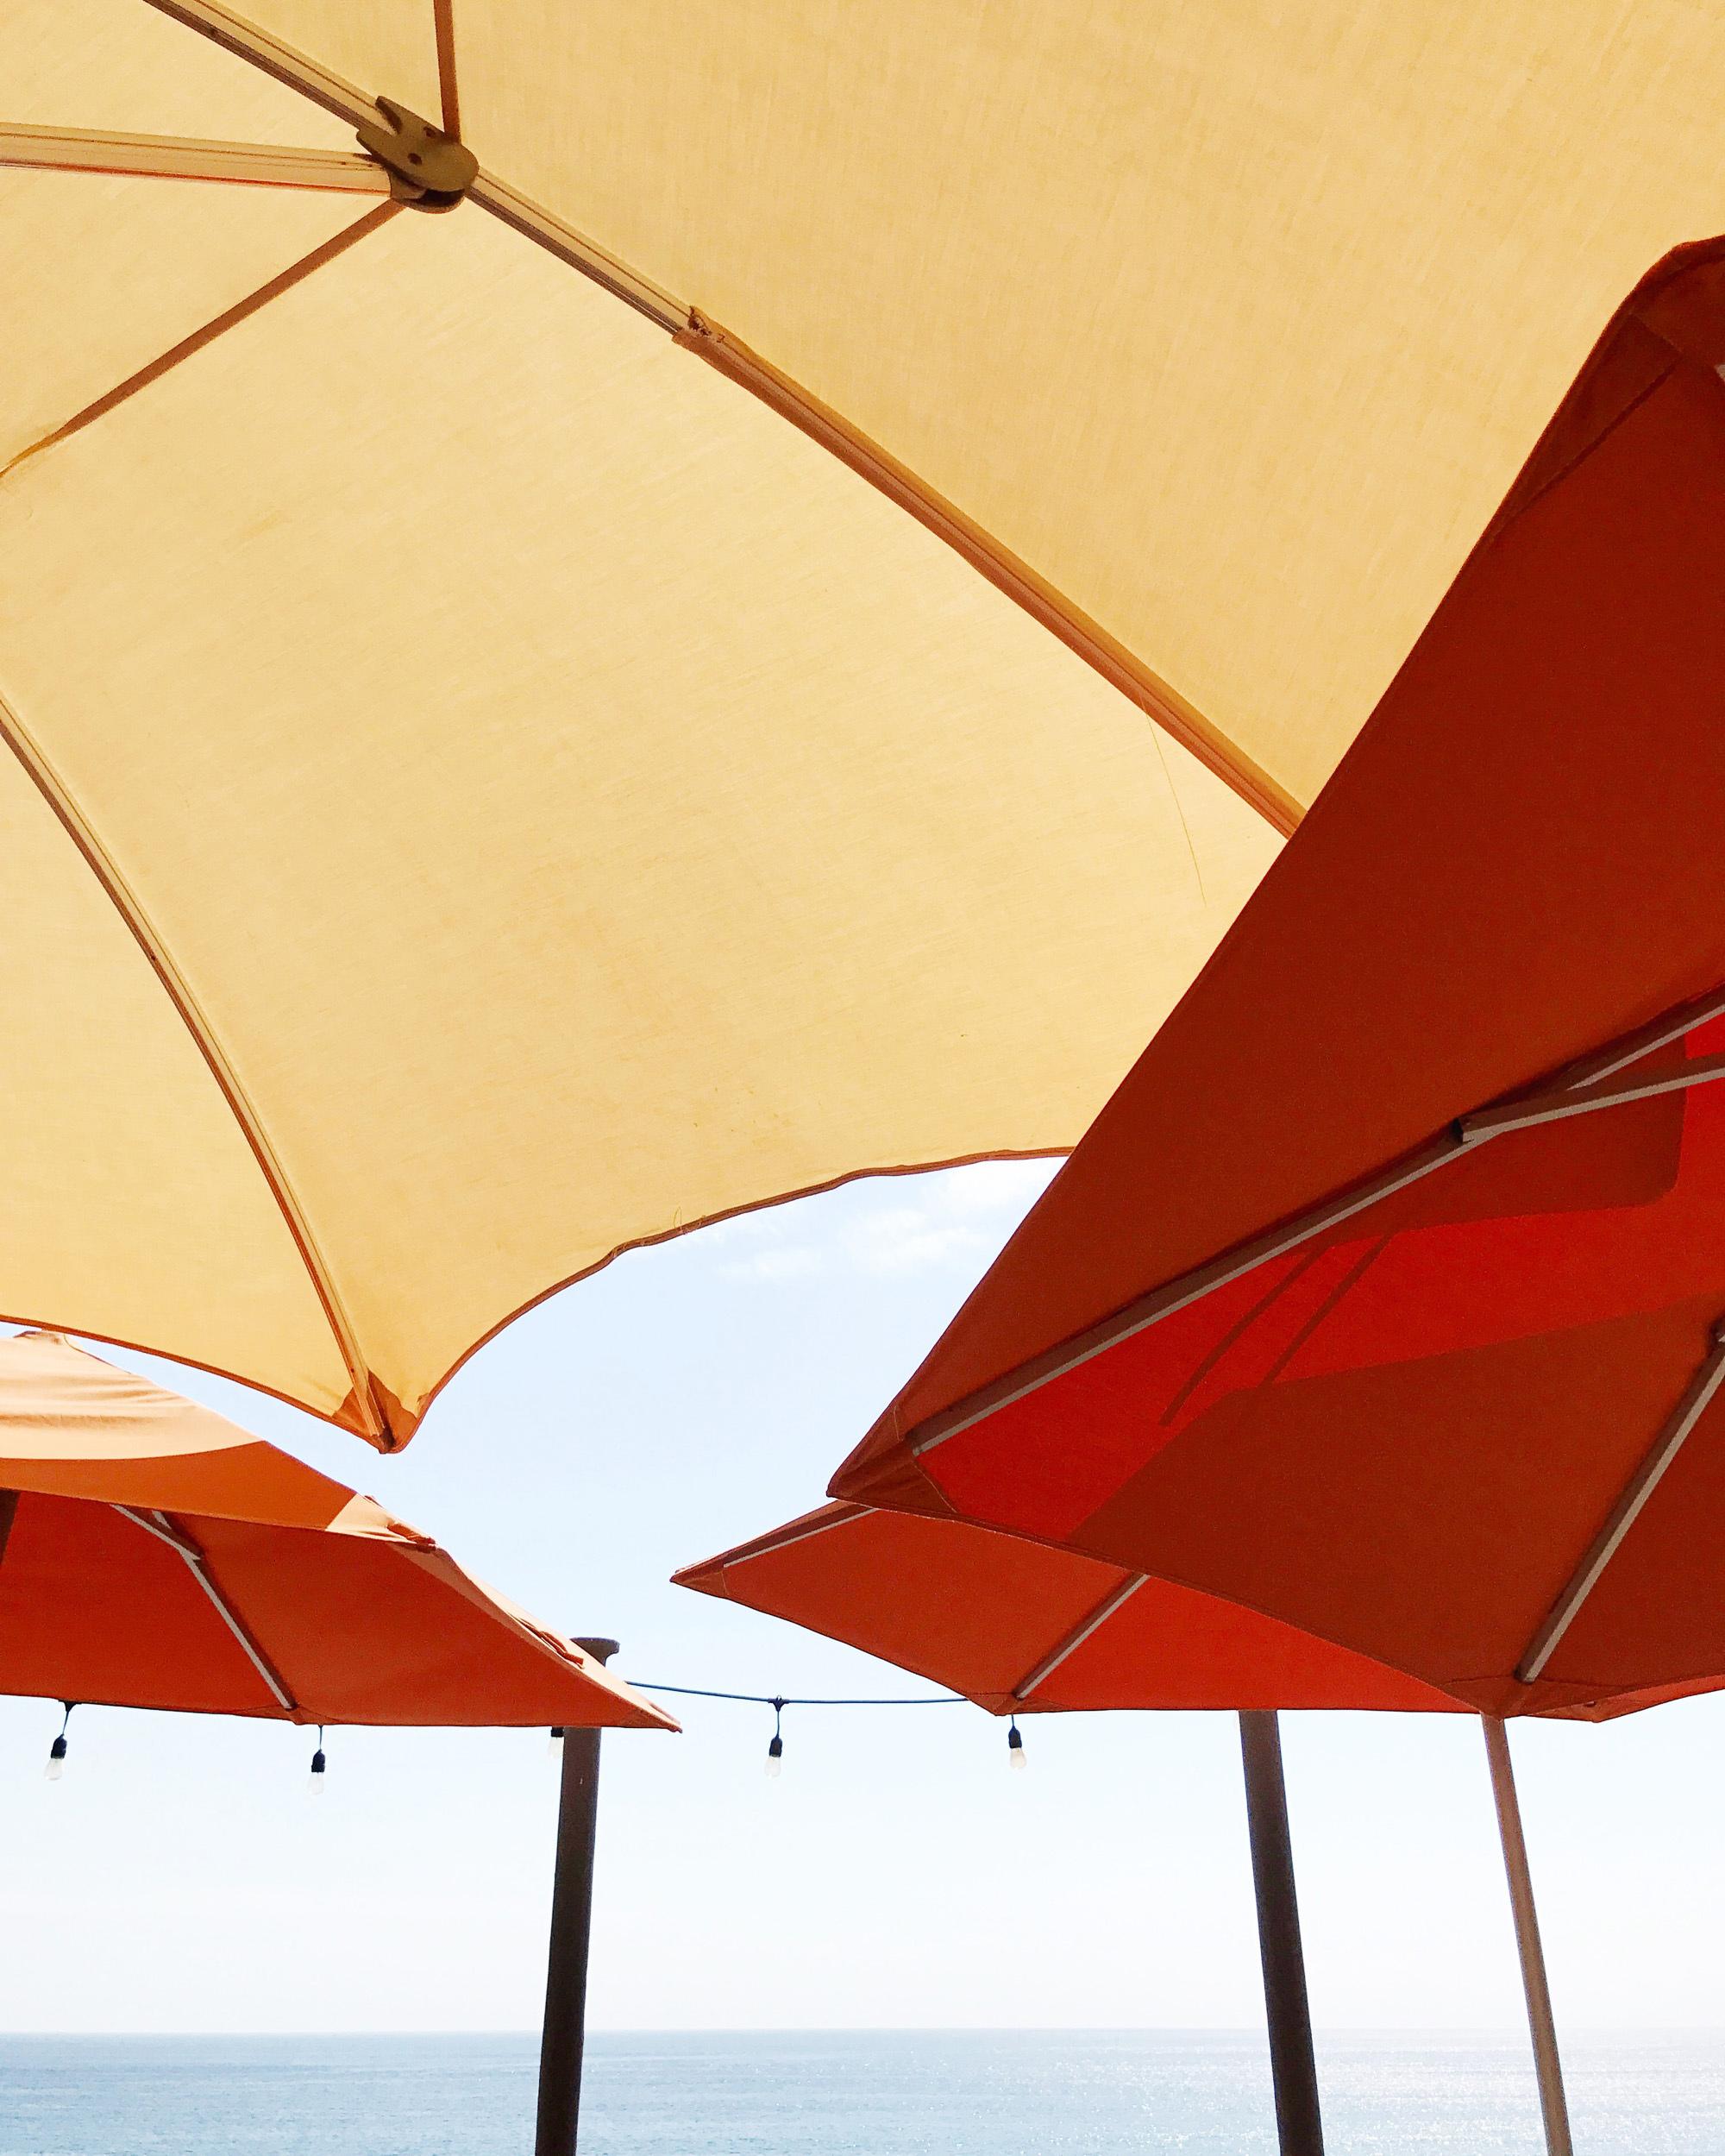 Umbrellas at Pueblo Bonito Sunset Beach, Mexico — Cotton Cashmere Cat Hair